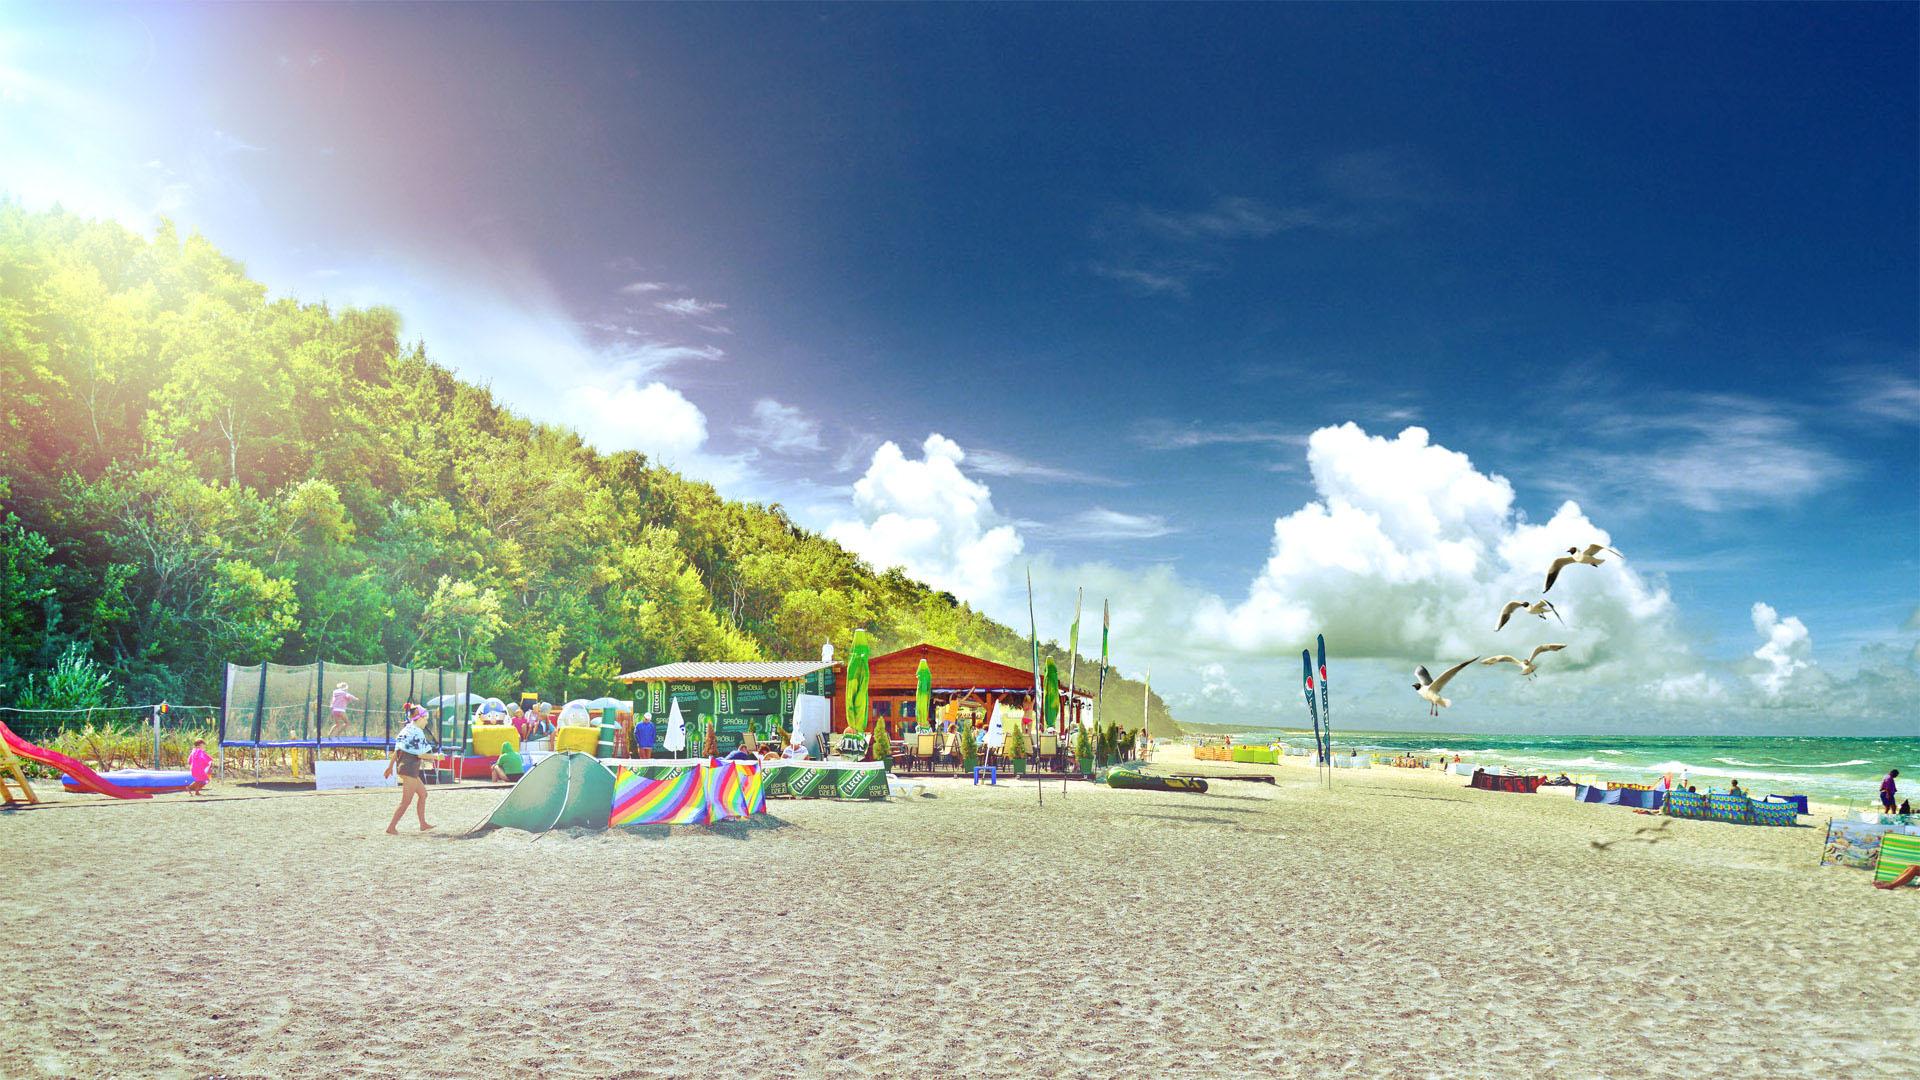 Słoneczny dzień, bar na plaży, z parawanami opalają się wczasowicze.